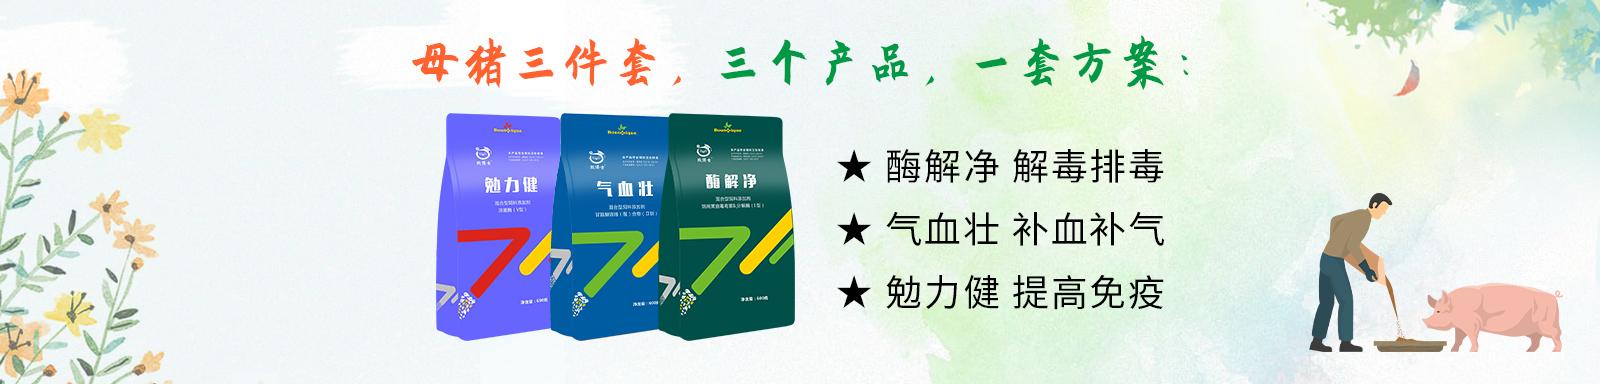 上海谊康生物科技有限公司